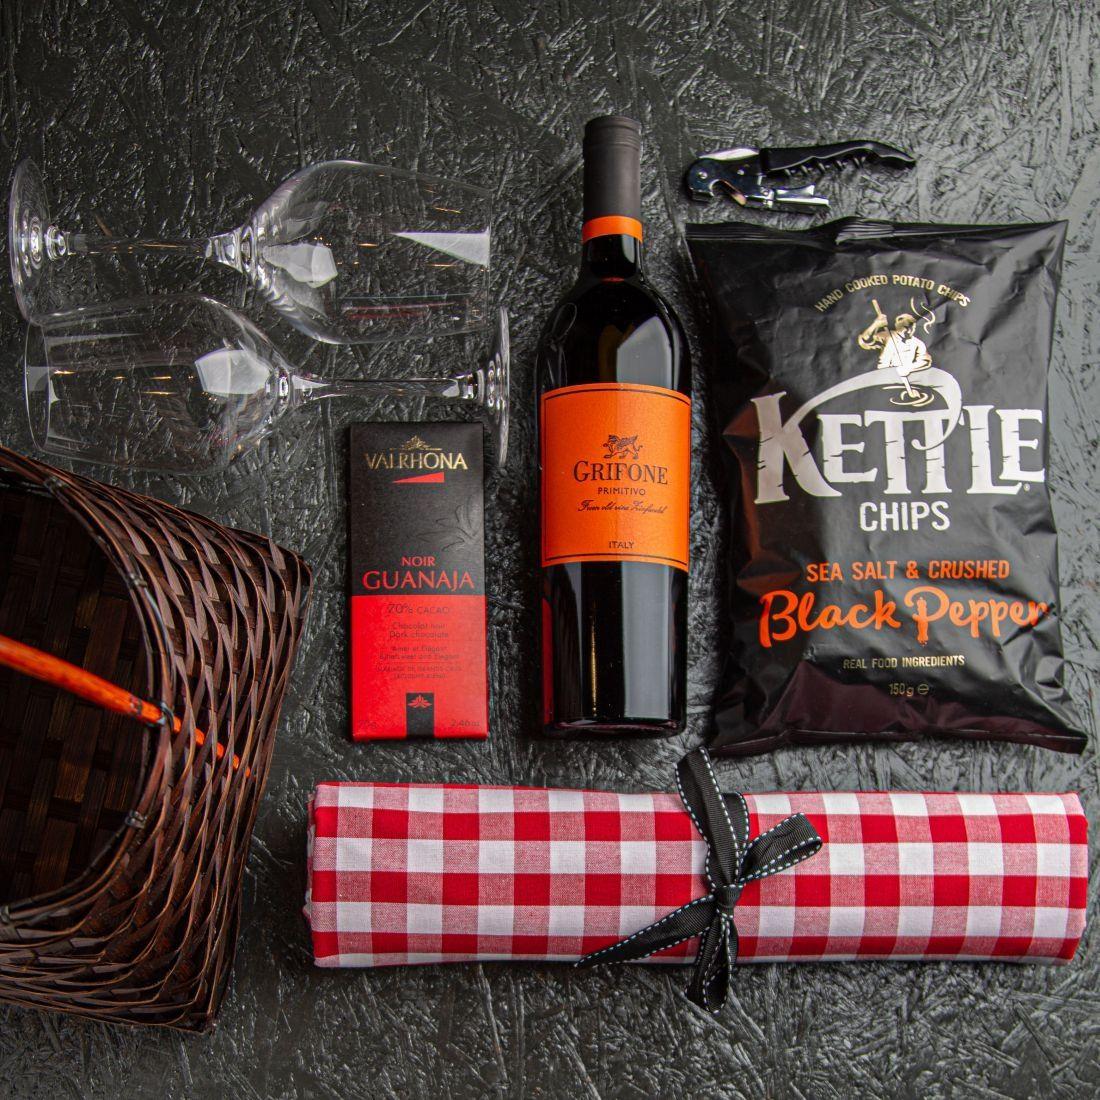 מארז החיים הם פיקניק - סל ויאטנם ובתוכו מפת פיקניק, 2 כוסות בורדו, יין אדום איטלקי, פותחן יינות, חטיף תפו''א ושוקולד ולרונה.